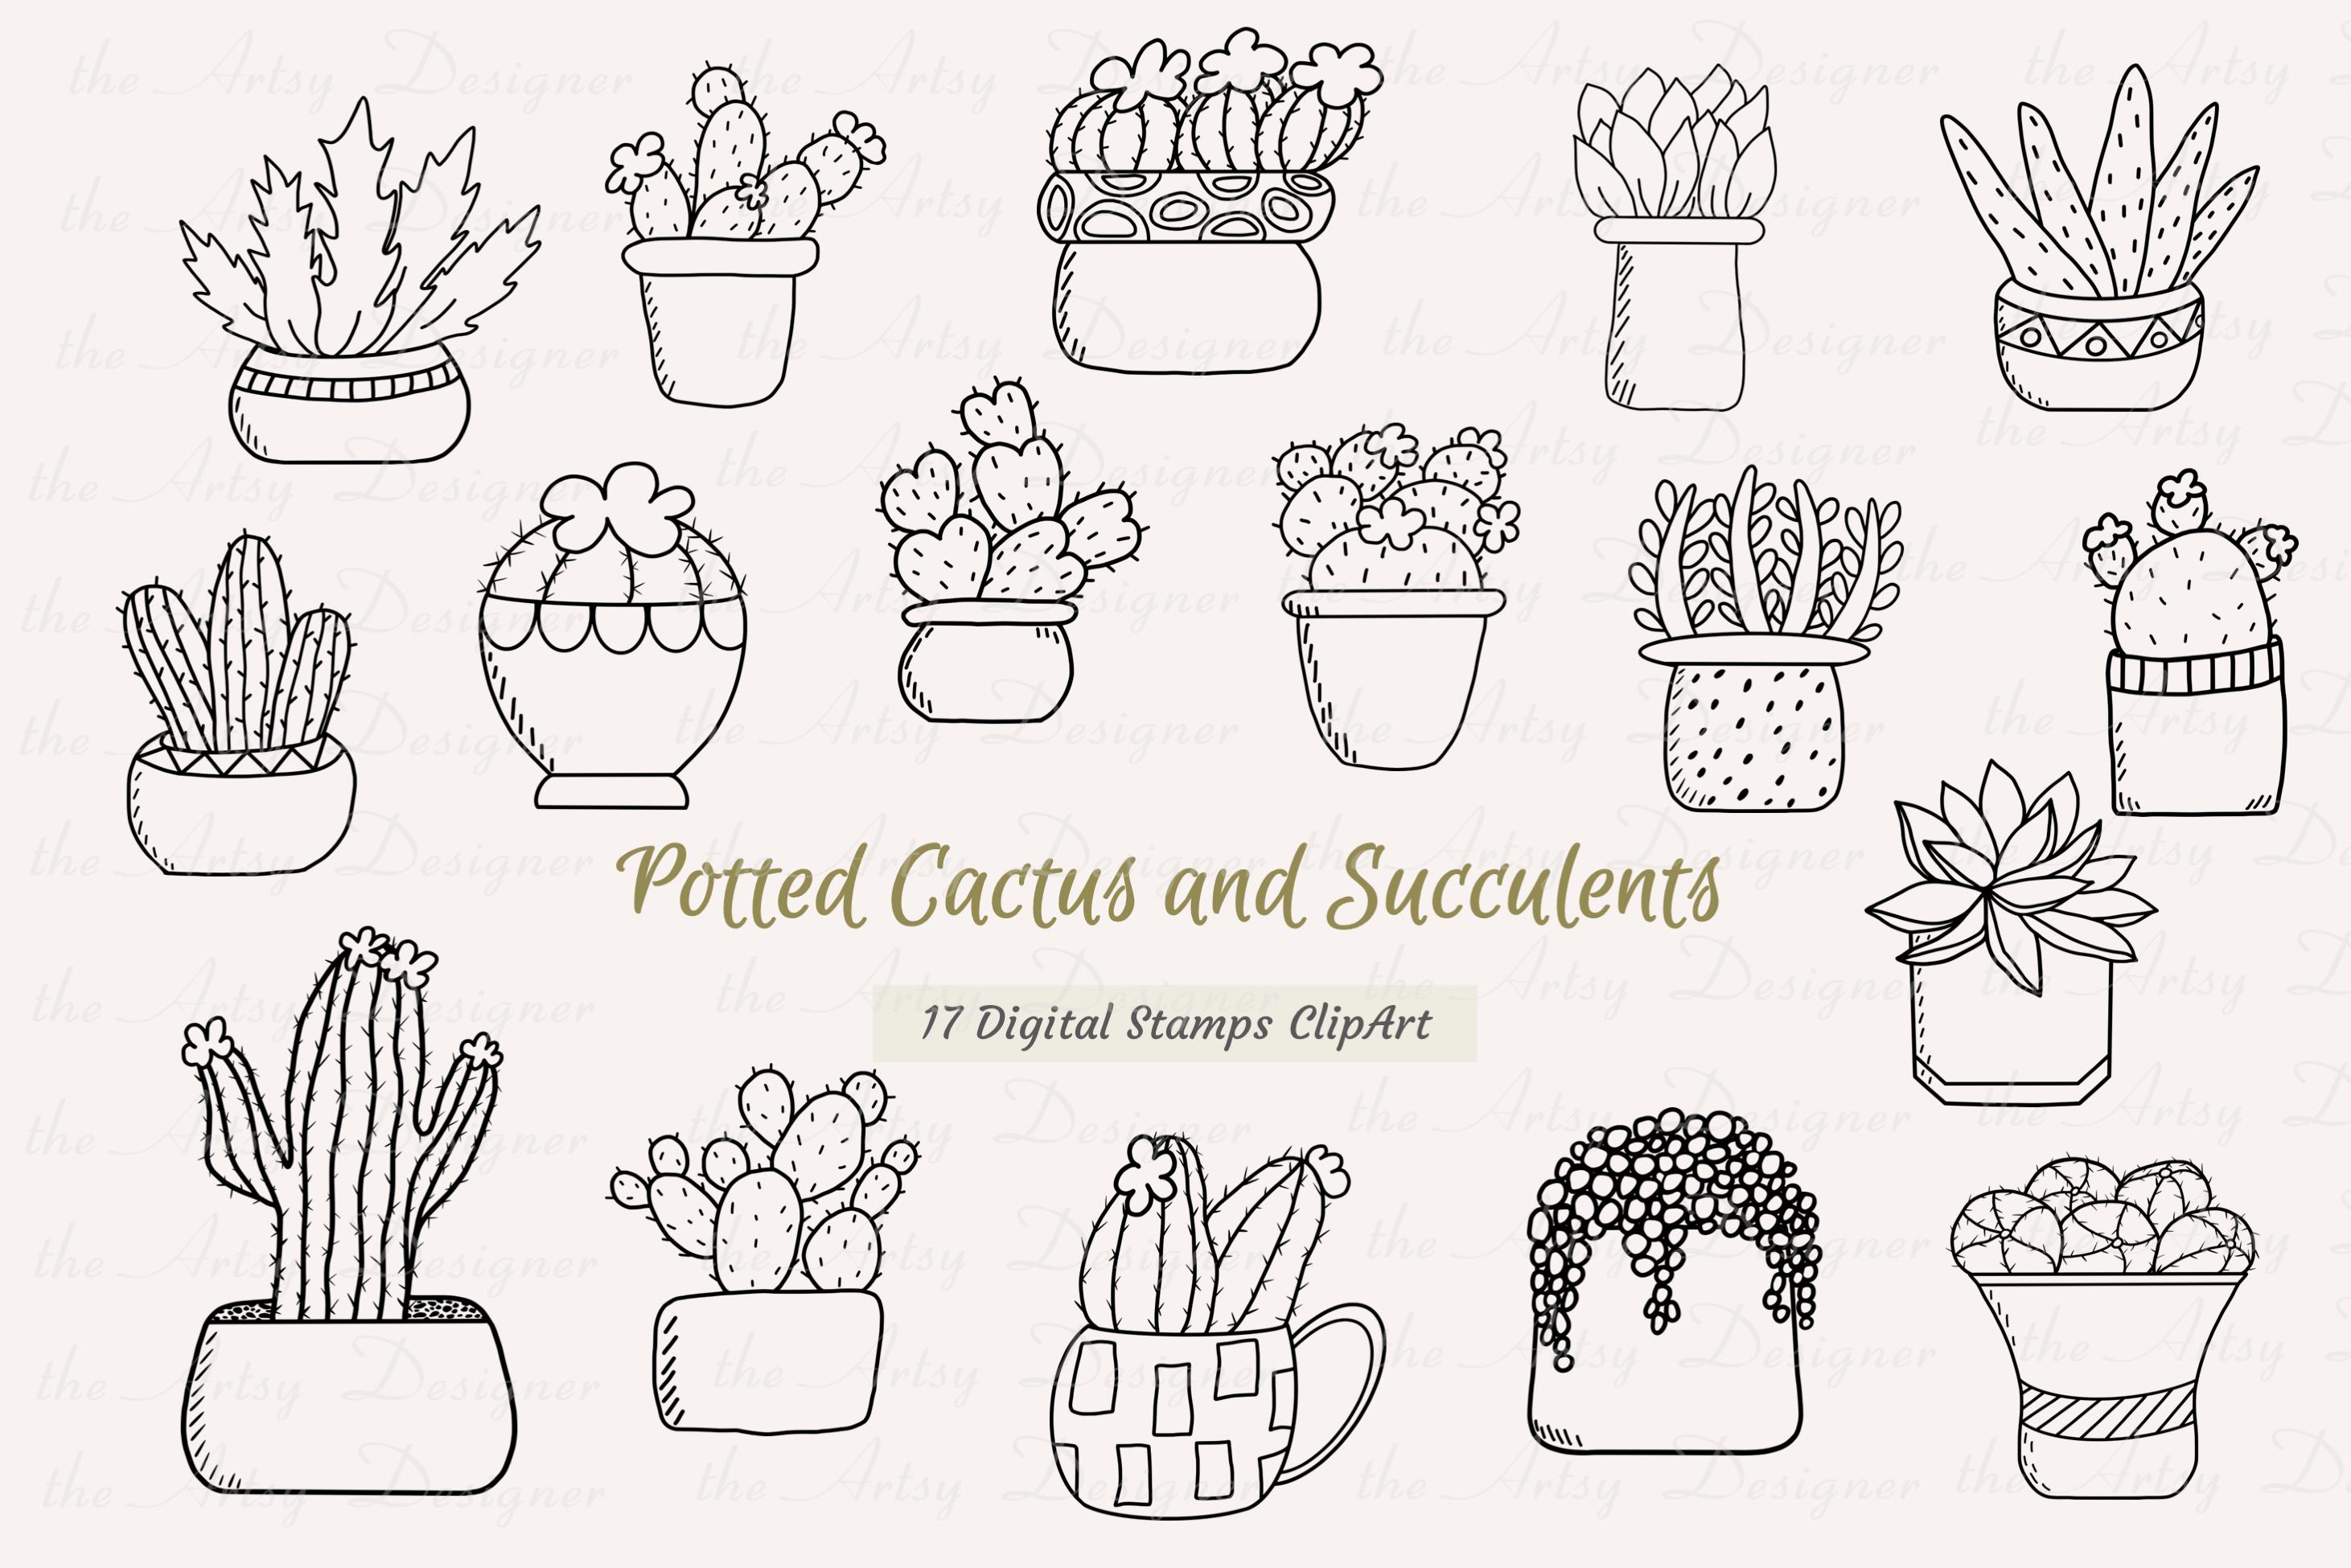 17 Digital Stamps Potted Cactus Succulents Clipart Bundle.